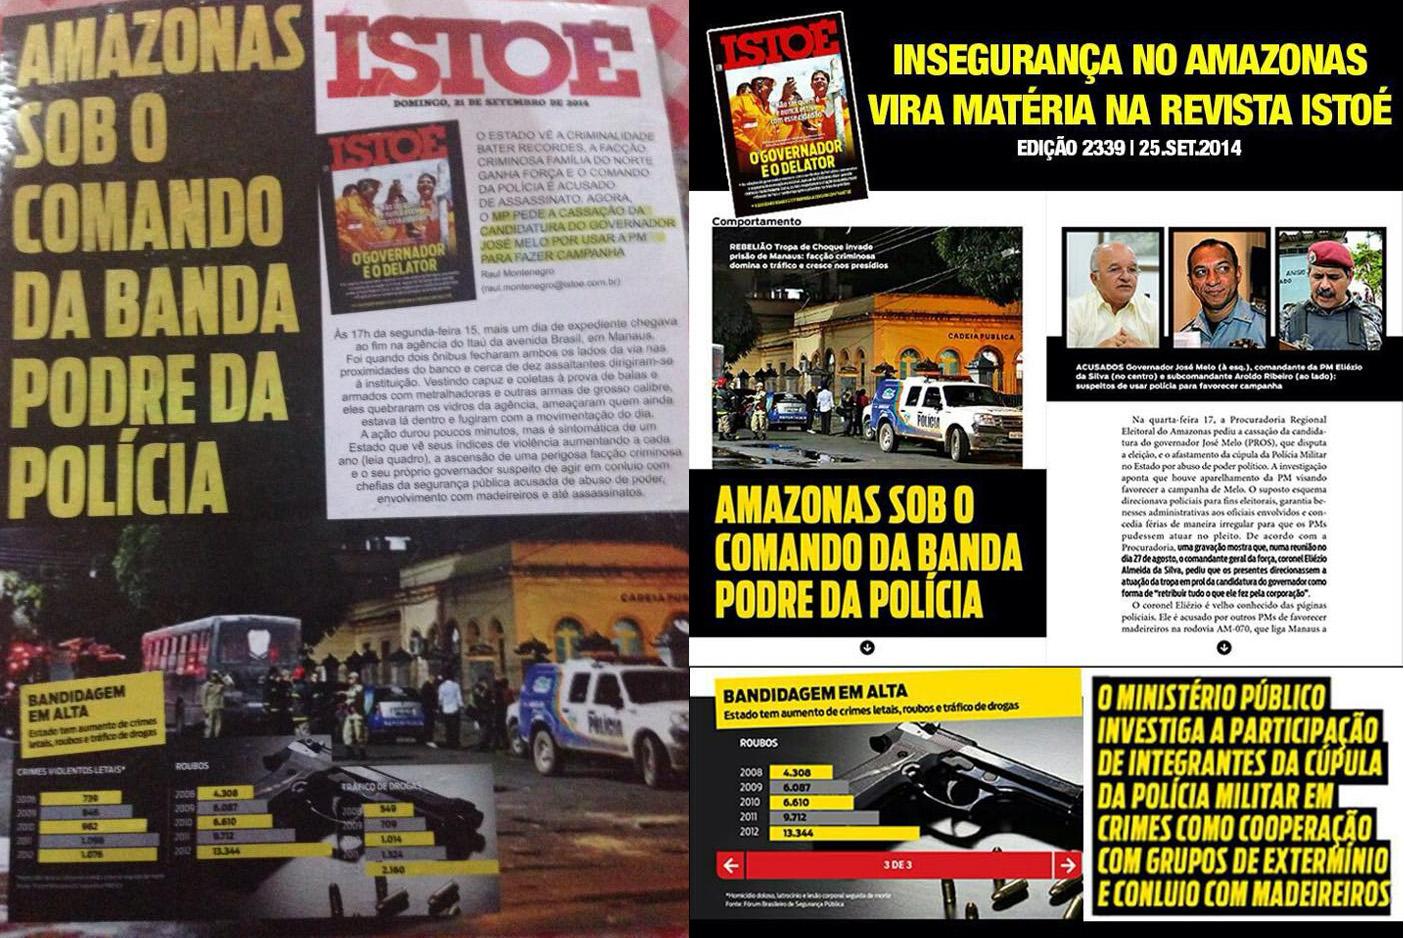 À esquerda o panfleto que estava sendo distribuído nas ruas e à direita, material divulgado na internet pela coligação de Eduardo Braga (Imagem: Reprodução)